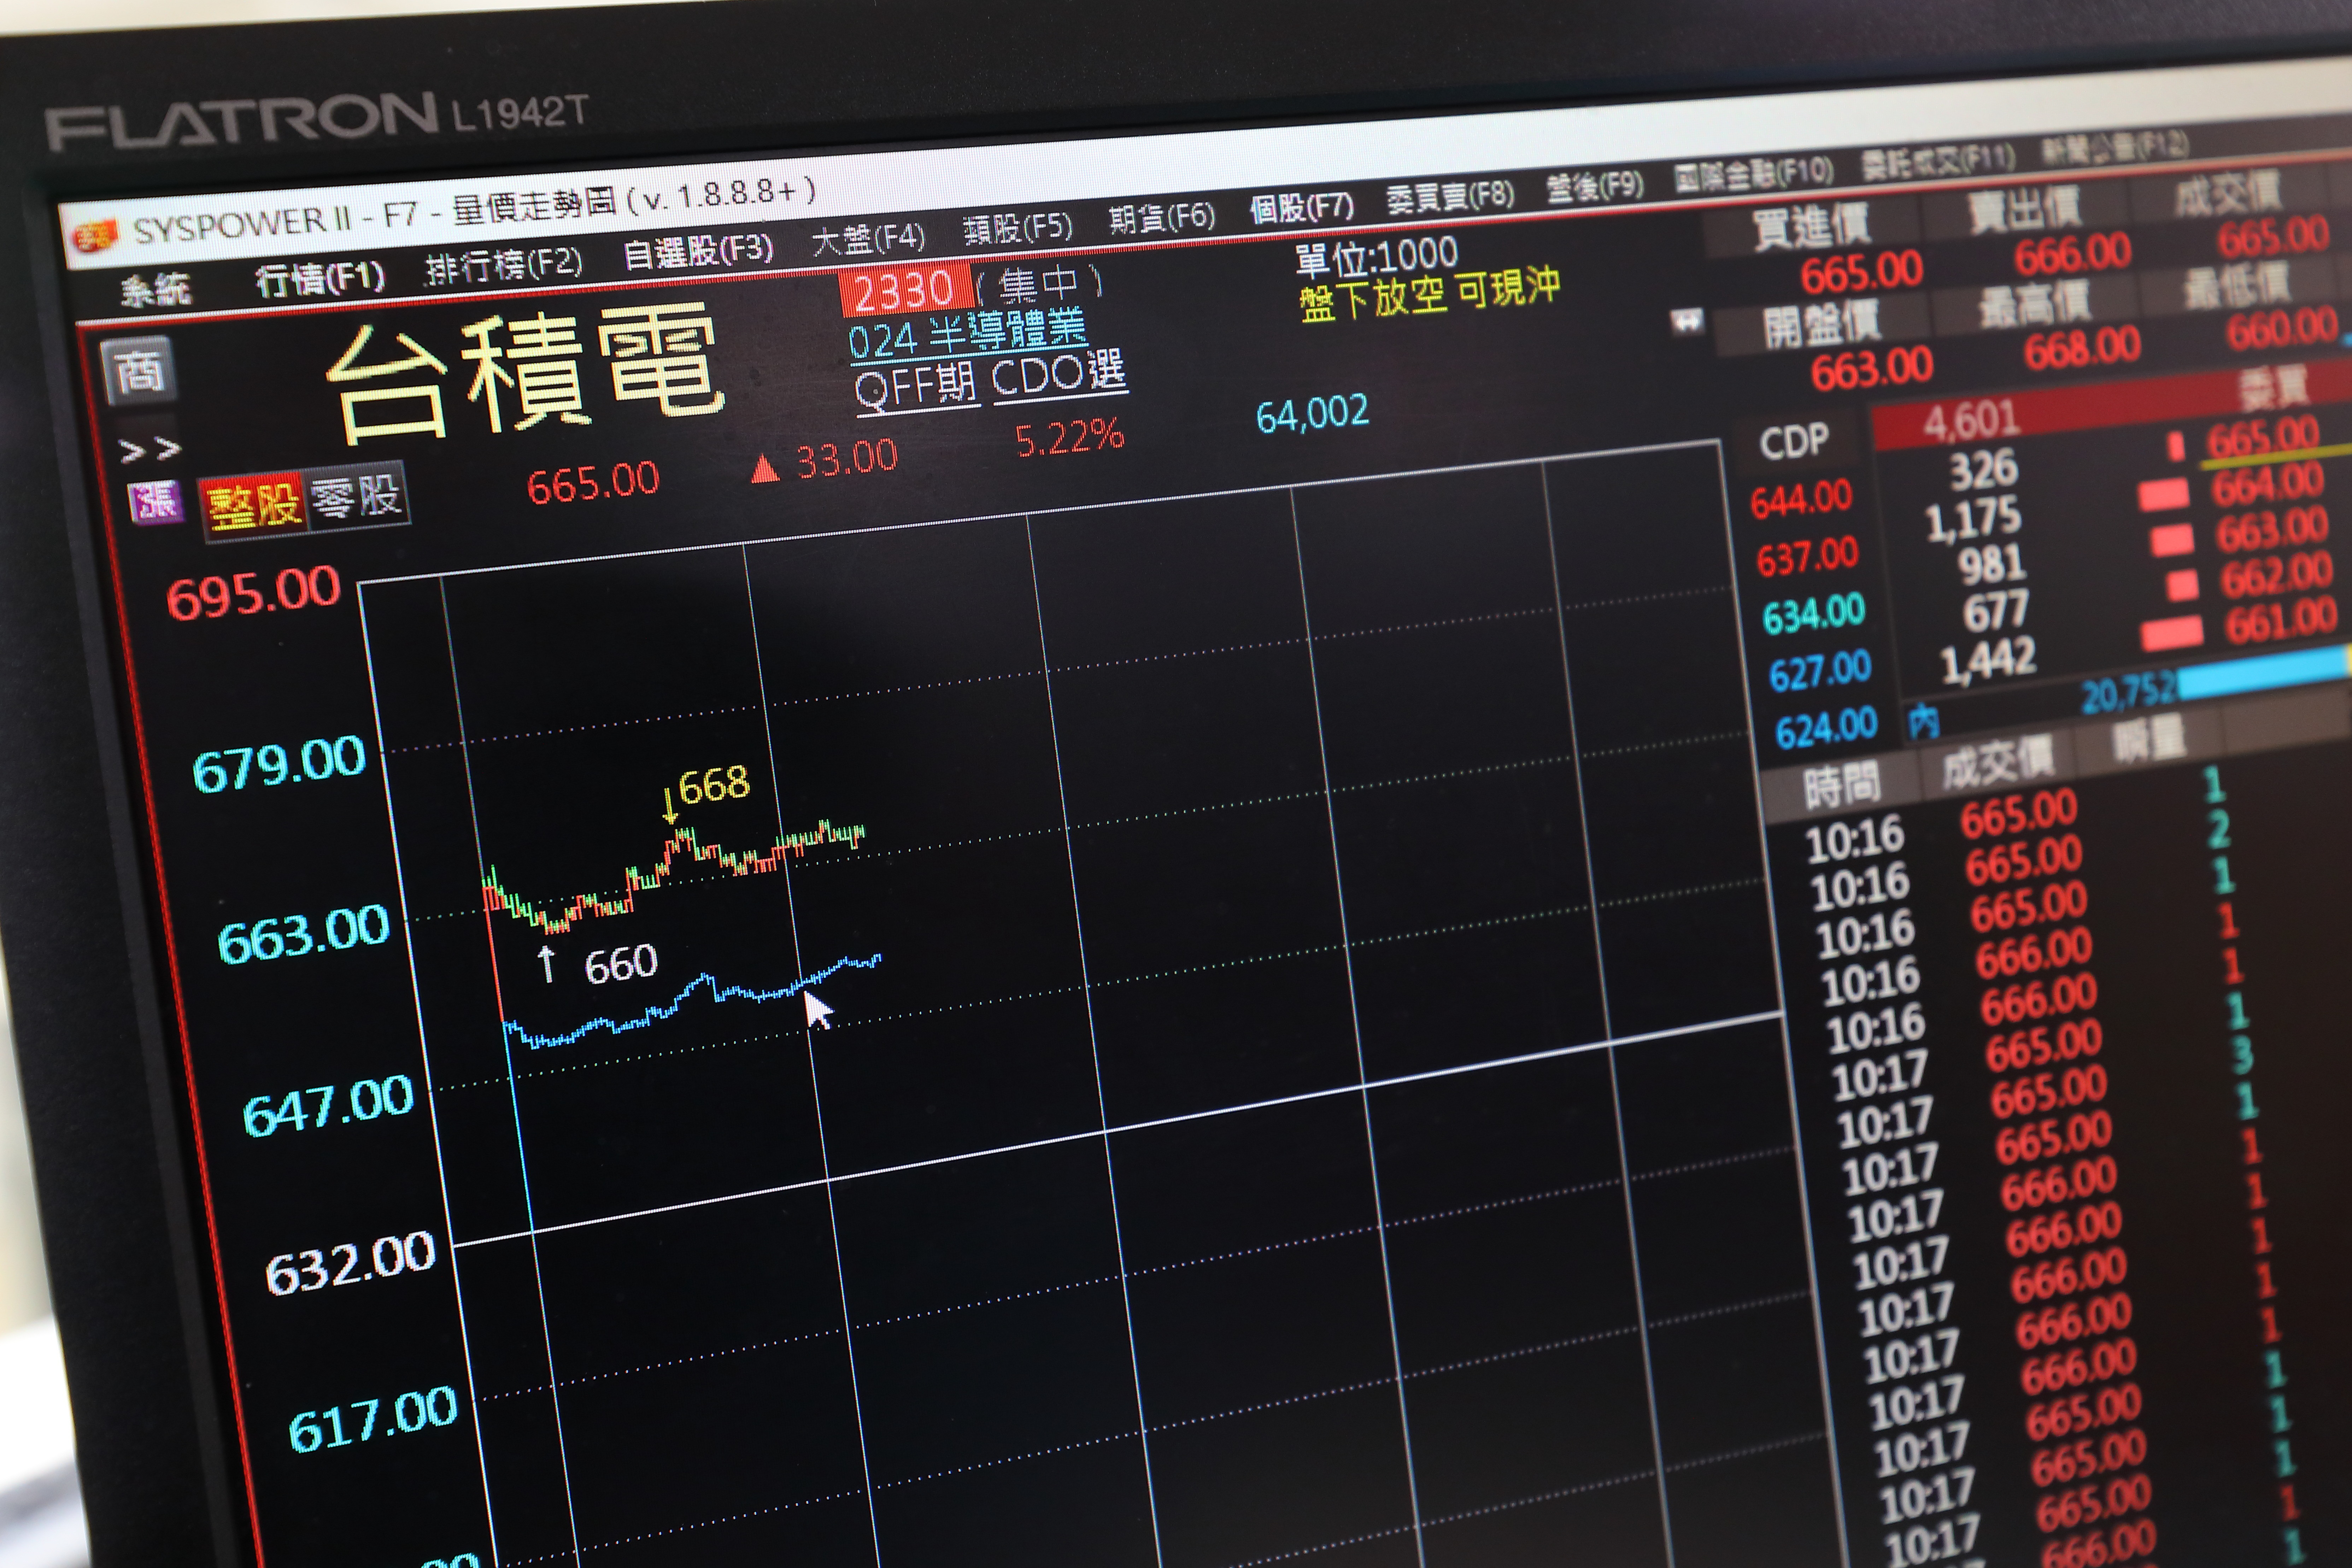 謝金河,台股,全球經濟,全球股市,基期,台積電,ADR,半導體,航運,聯電